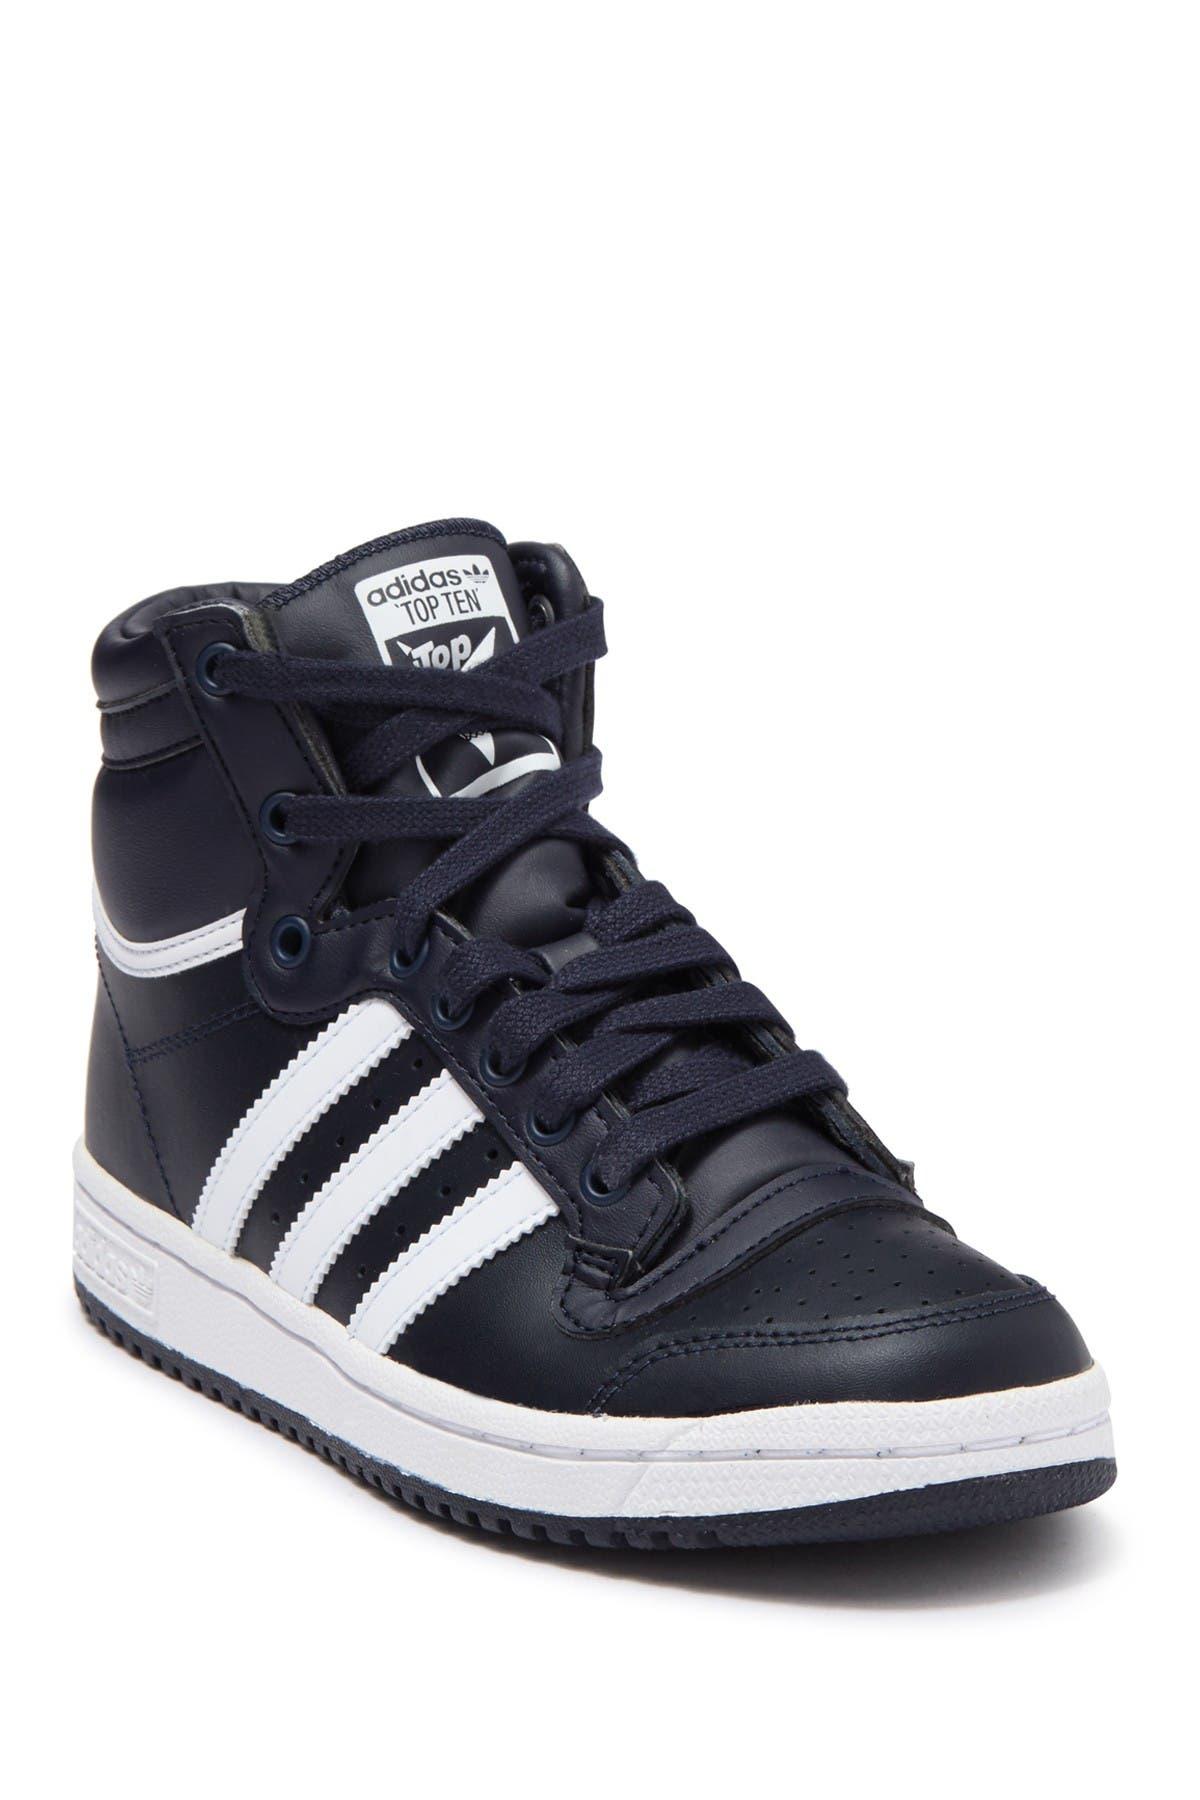 adidas   Top Ten Hi Sneaker   Nordstrom Rack